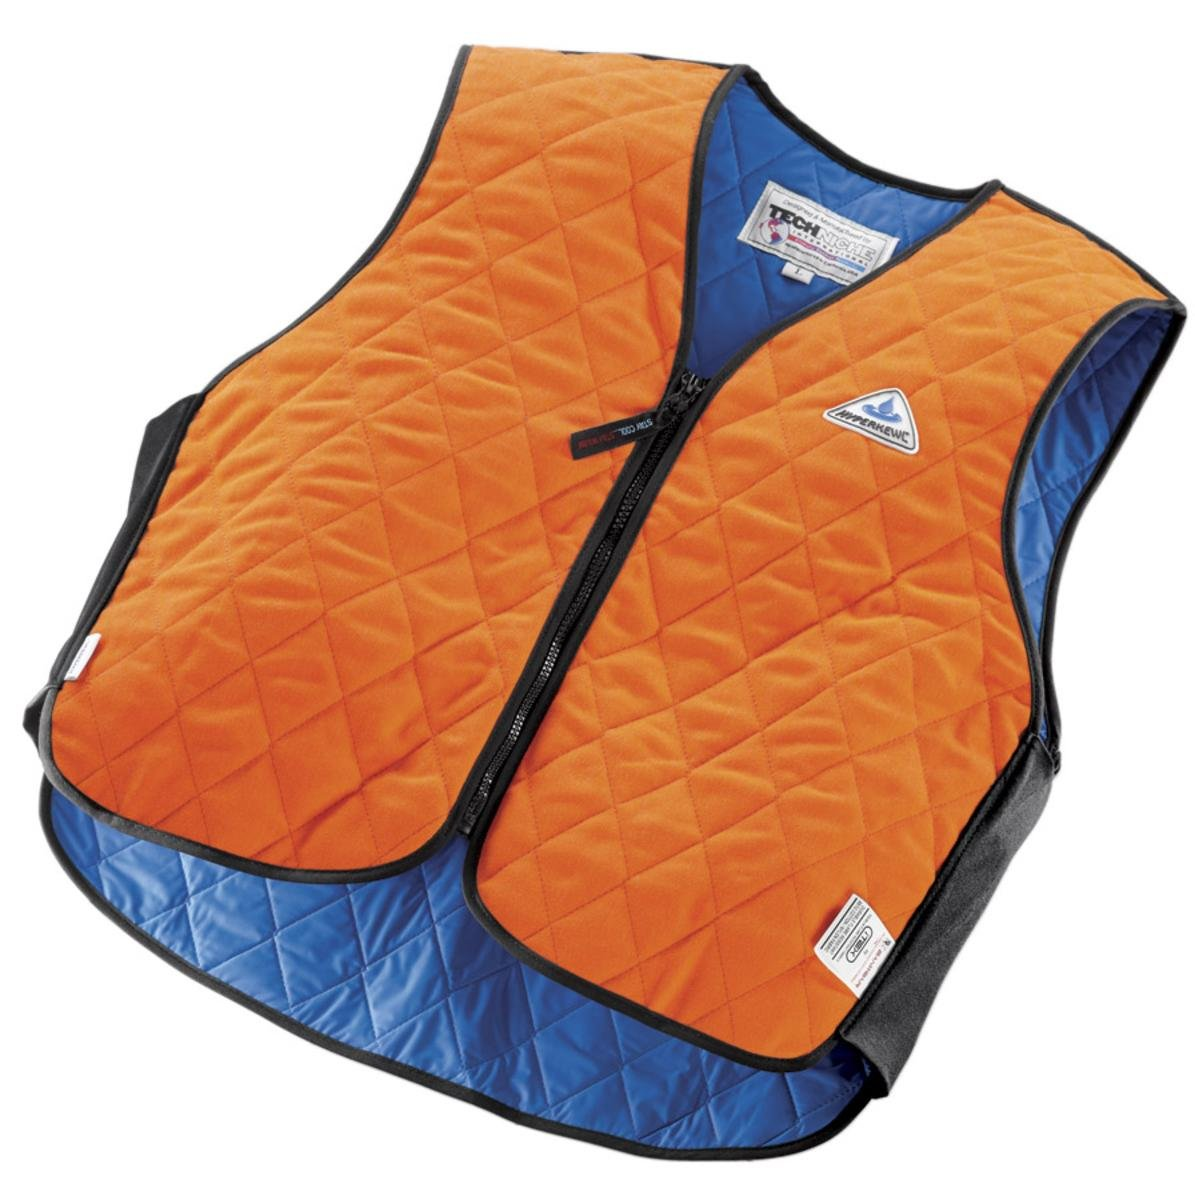 【使い勝手の良い】 HyperKewl B0727VPC8H Evaporative Cooling Vest – スポーツ – Vizオレンジ Cooling Hi - Vizオレンジ – Fire Retardant B0727VPC8H, リバティプリントショップmerci:70362773 --- a0267596.xsph.ru